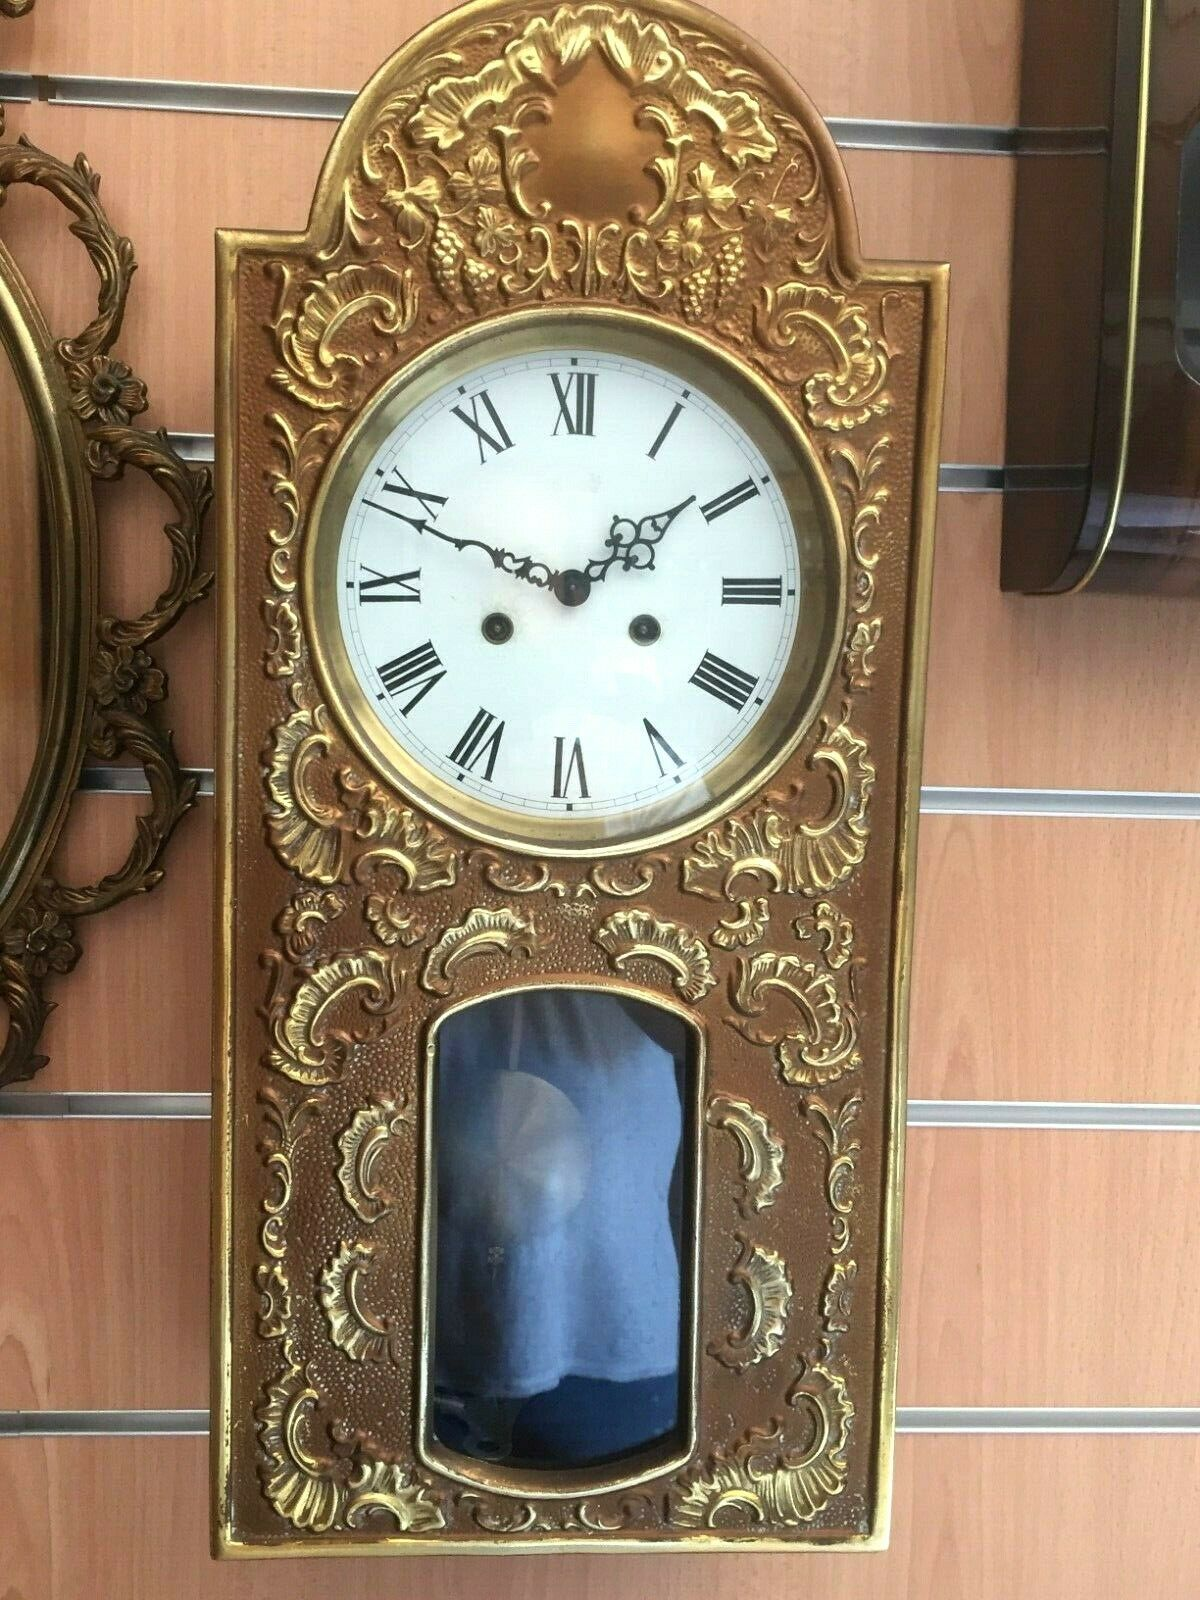 Orologio pendolo Annunci in tutta Italia Kijiji: Annunci